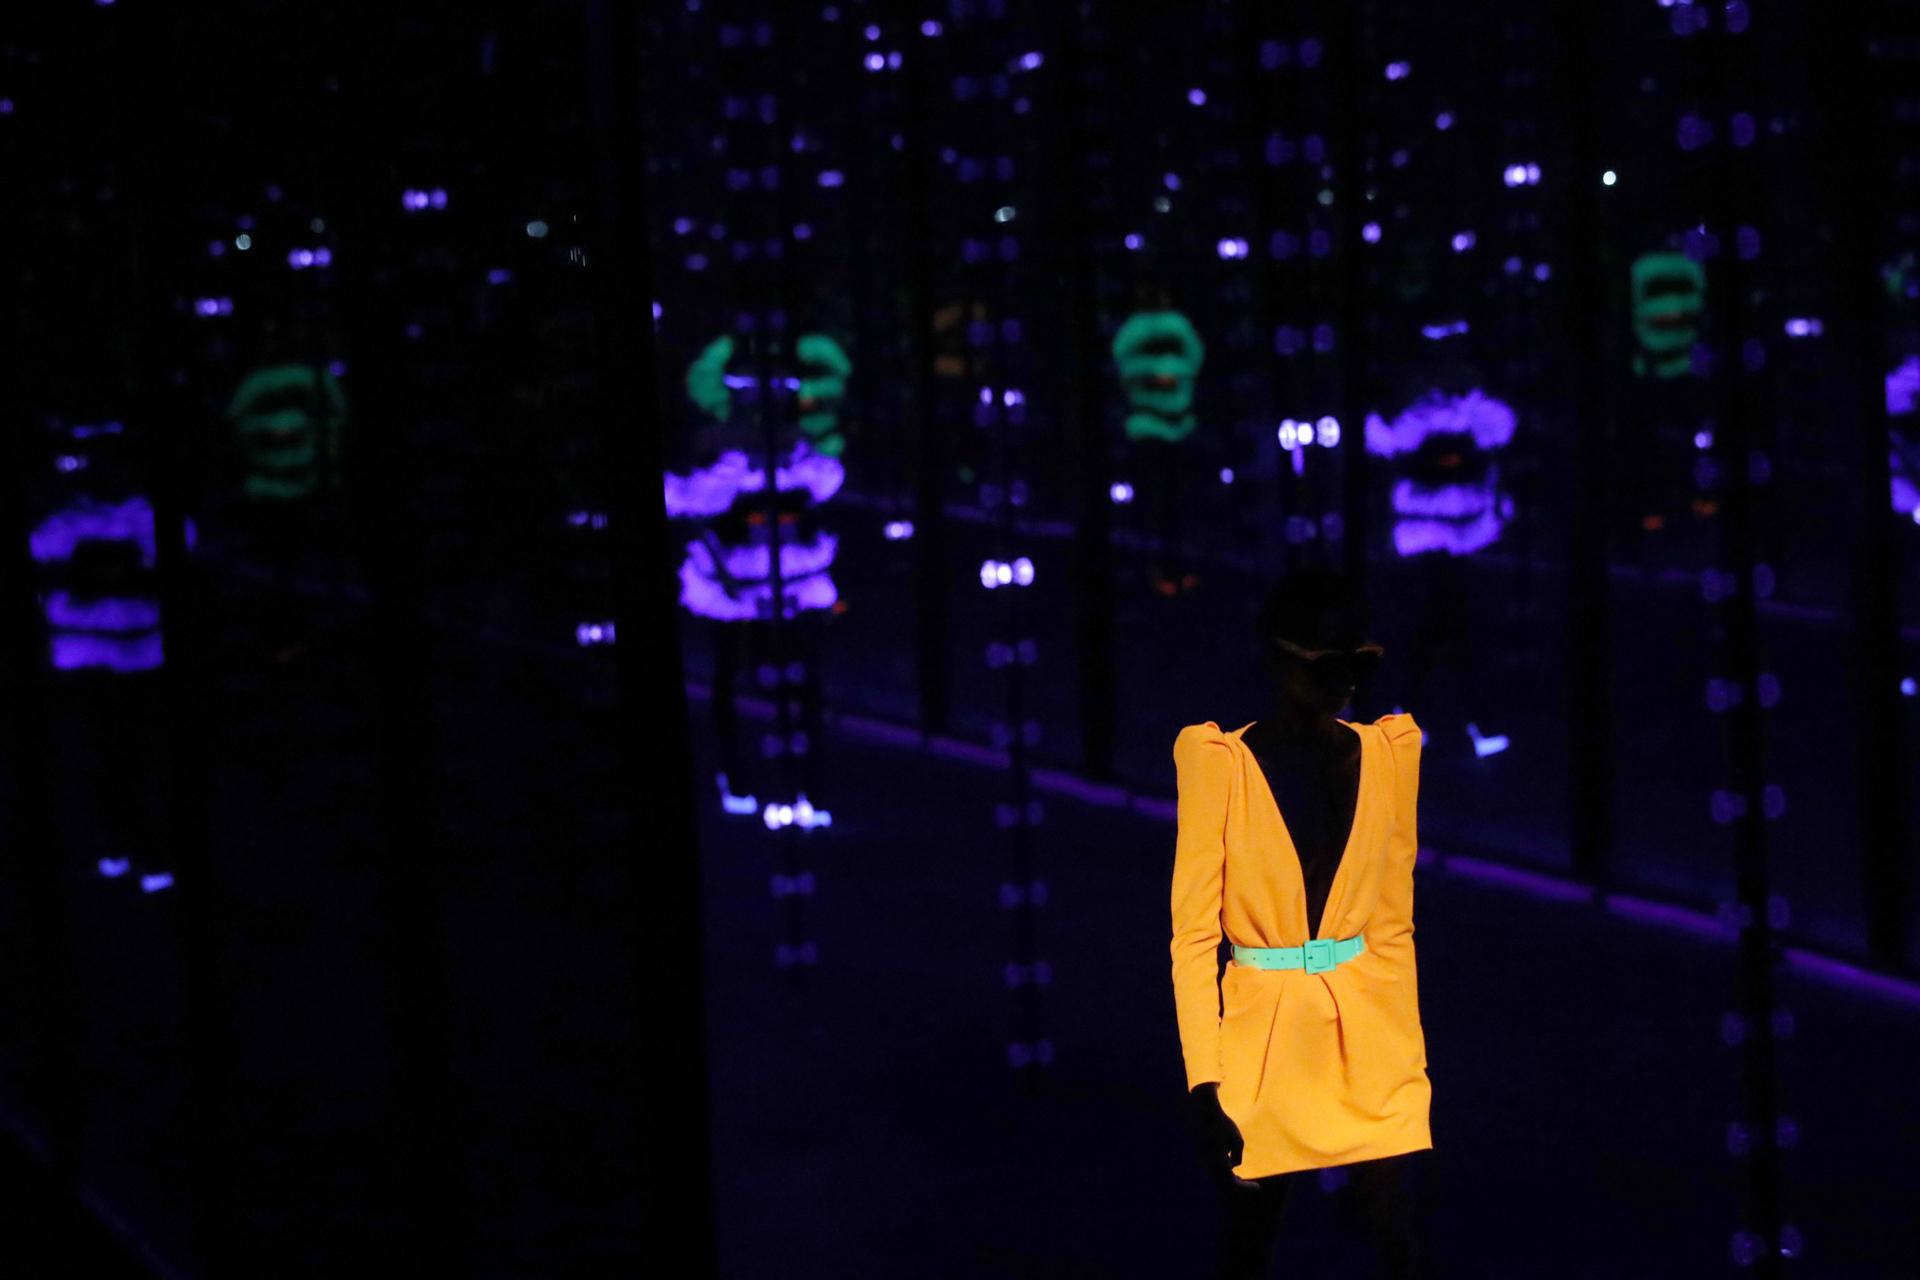 Vestidos sastreros, la última moda neón de Saint Laurent para el otoño-invierno 2019/2020